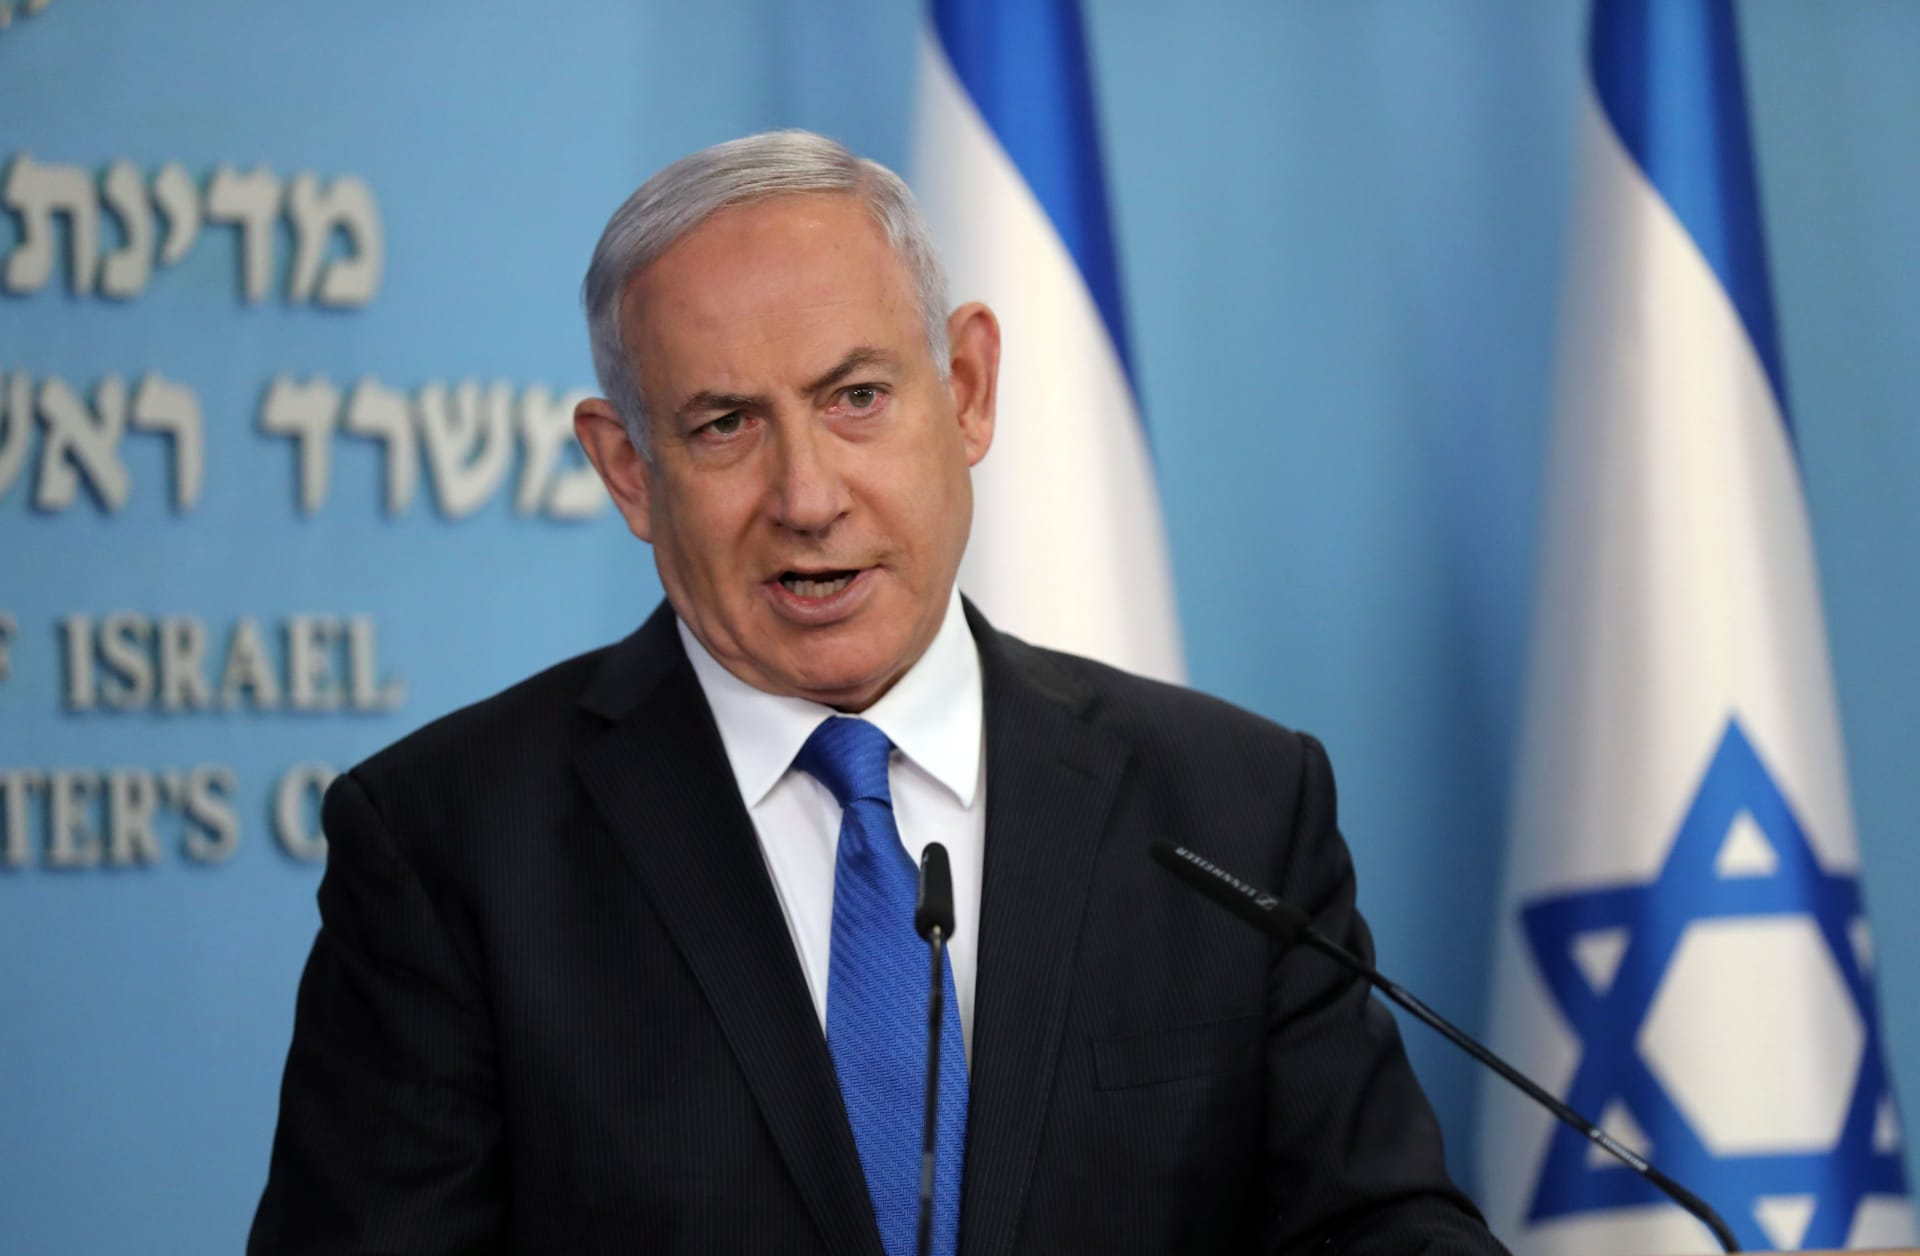 نتنياهو يرحب بموقف الخرطوم: إسرائيل والسودان ستربحان من اتفاقية السلام